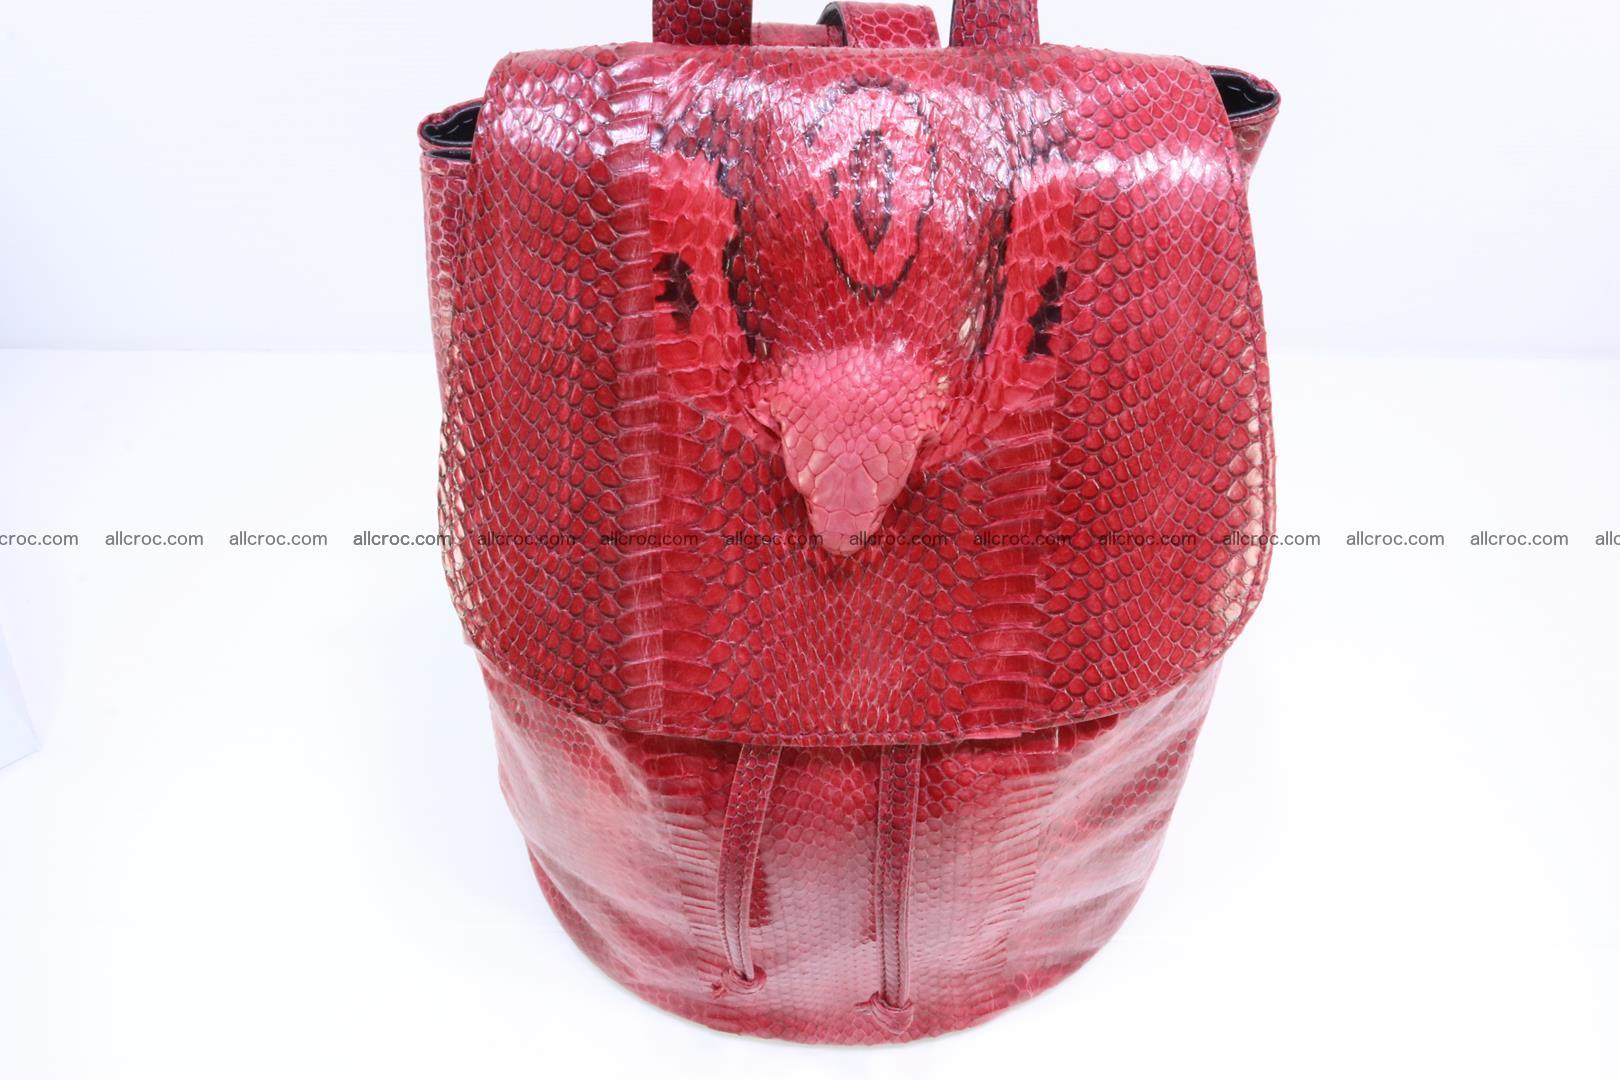 Cobra skin backpack with head of cobra 418 Foto 5